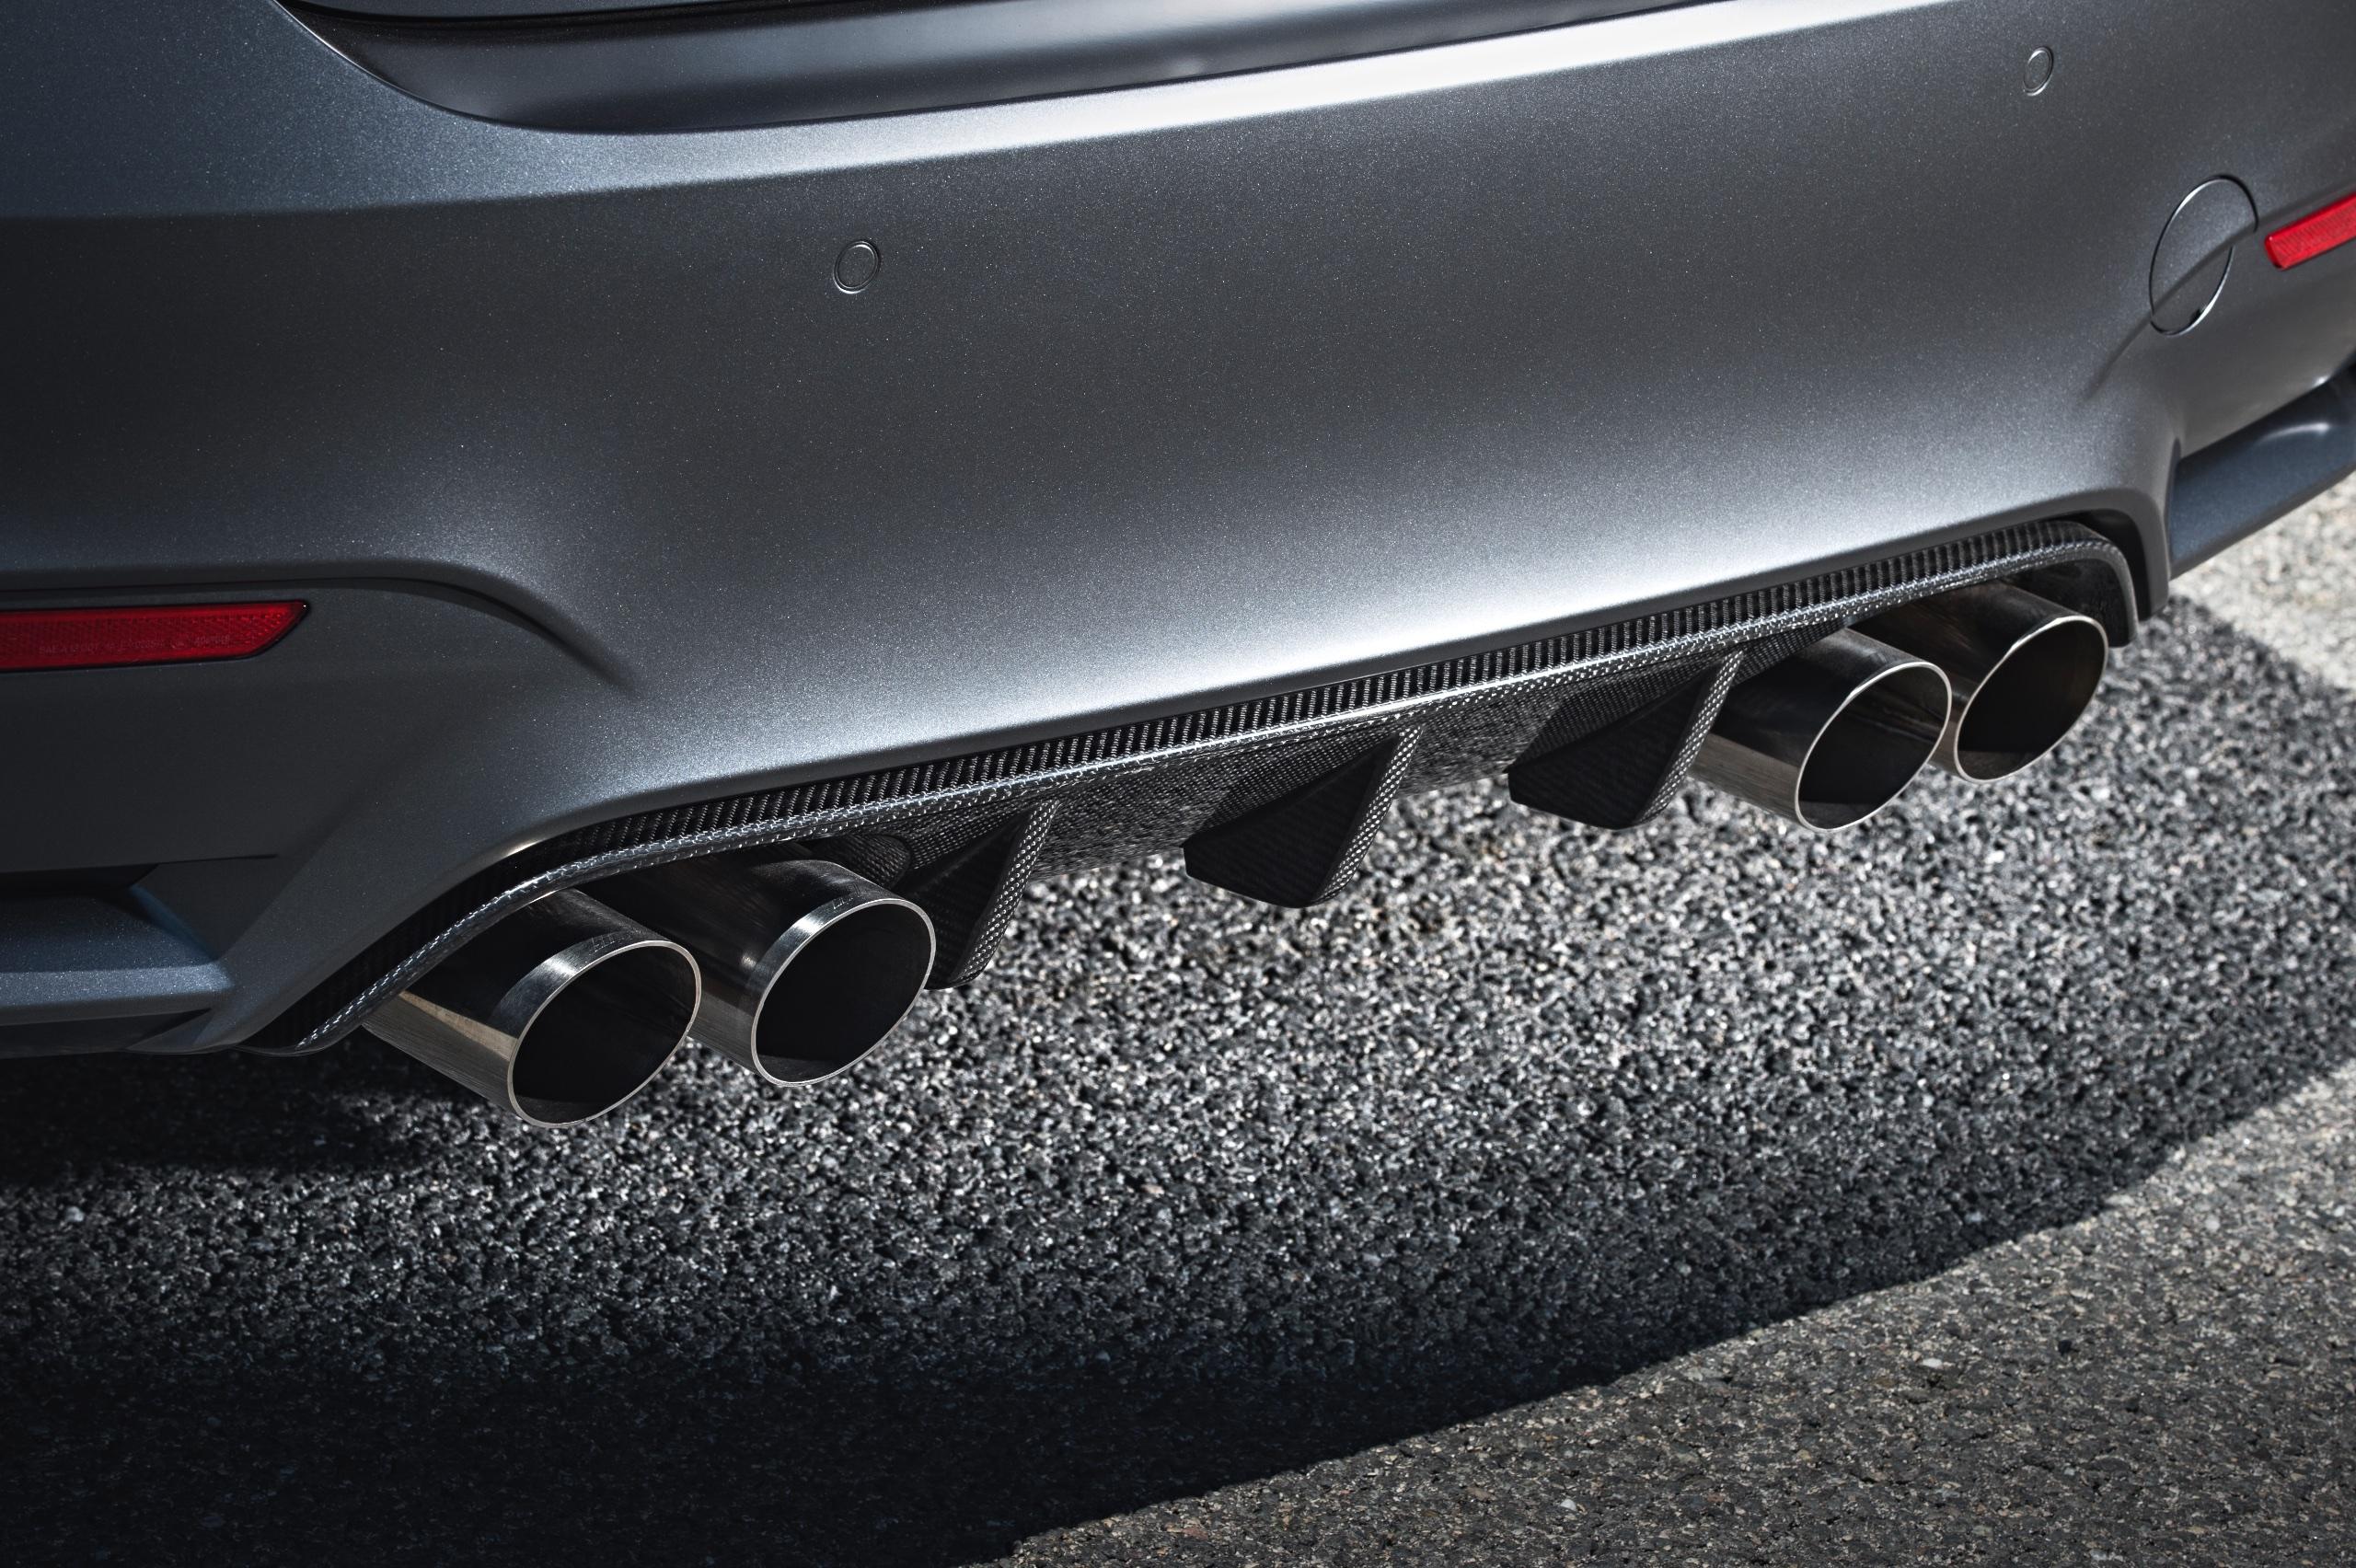 Bmw M >> GALLERY: BMW M4 GTS – with E30, E36, E46, E92 M3s Paul Tan - Image 477788